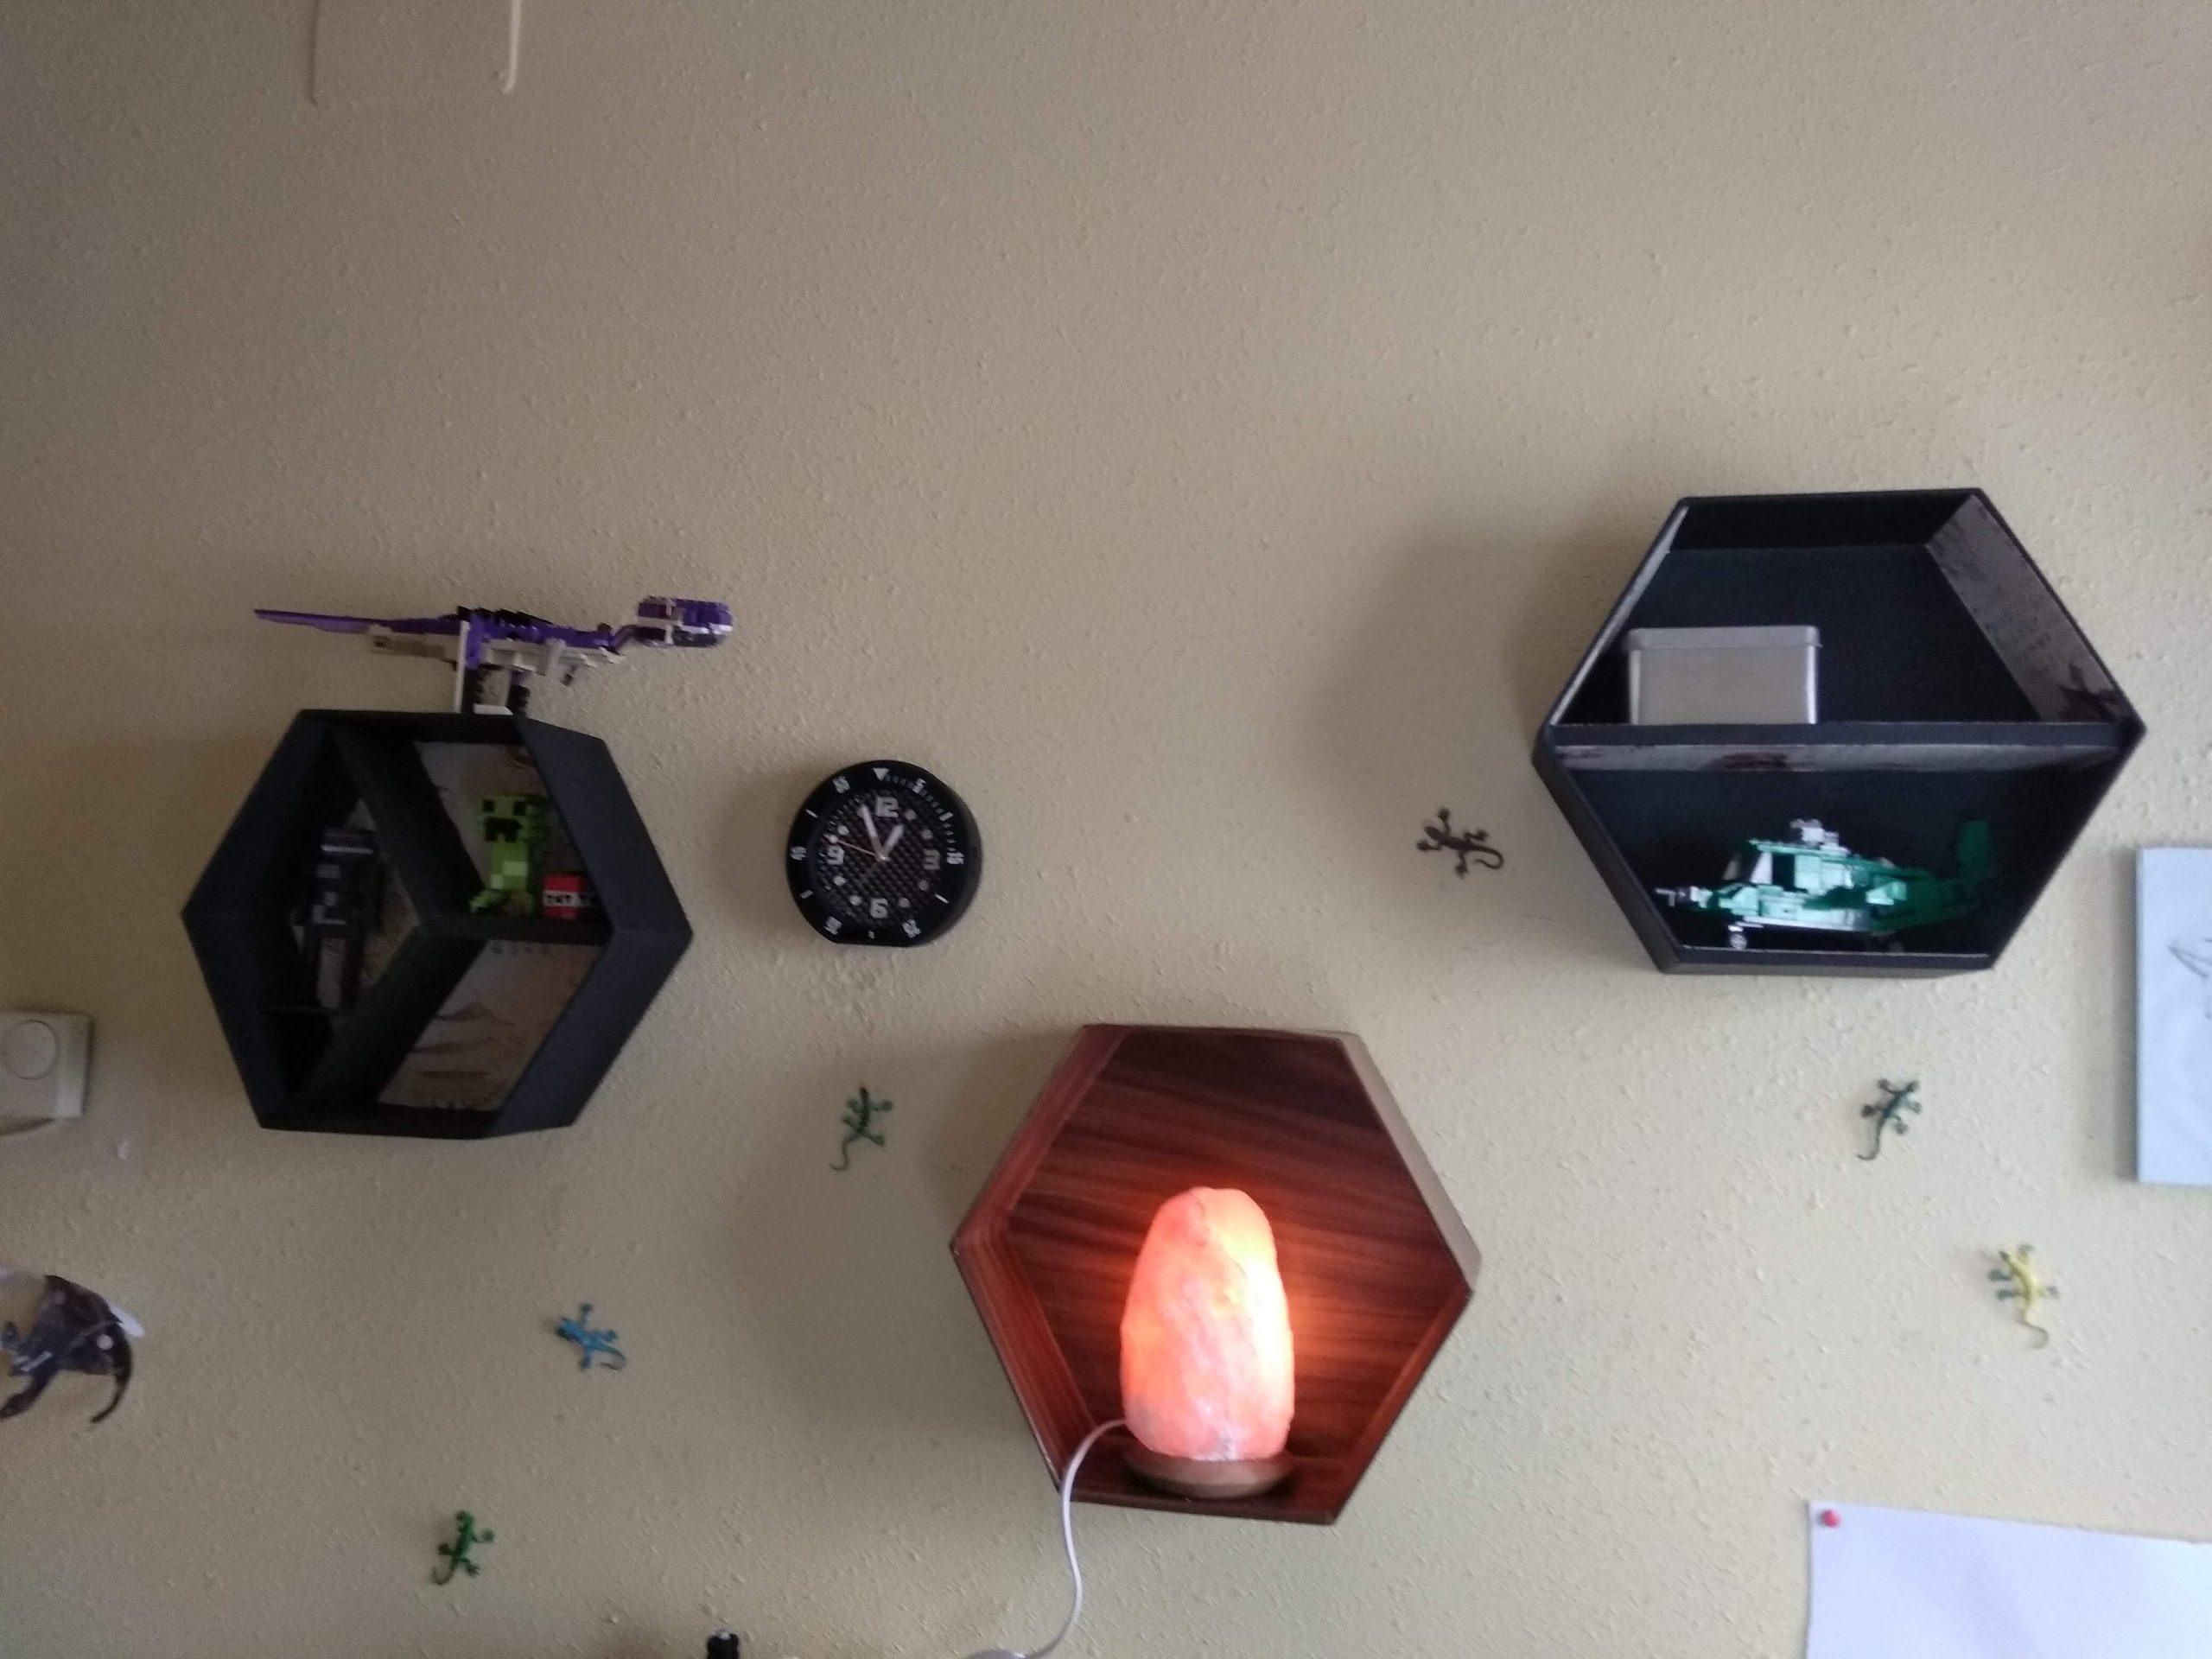 Tres modelos de estantes de colmena grandes colgados en la pared